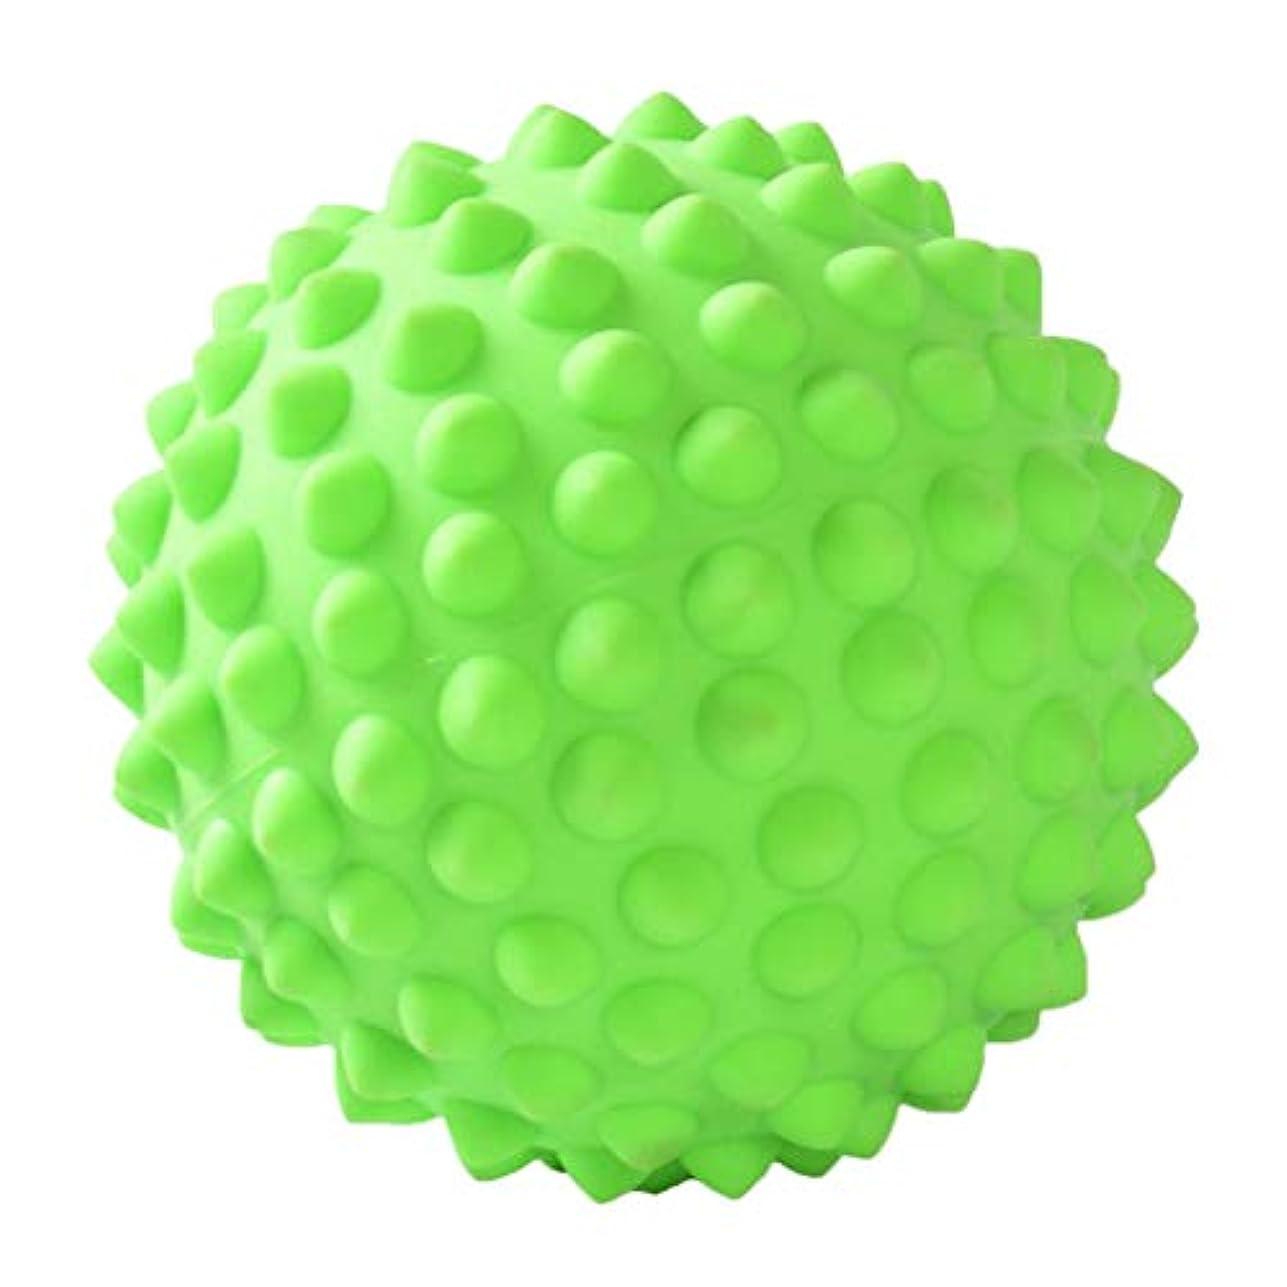 寓話夜明け累積マッサージボール ポイントマッサージ ヨガ道具 3色選べ - 緑, 説明のとおり